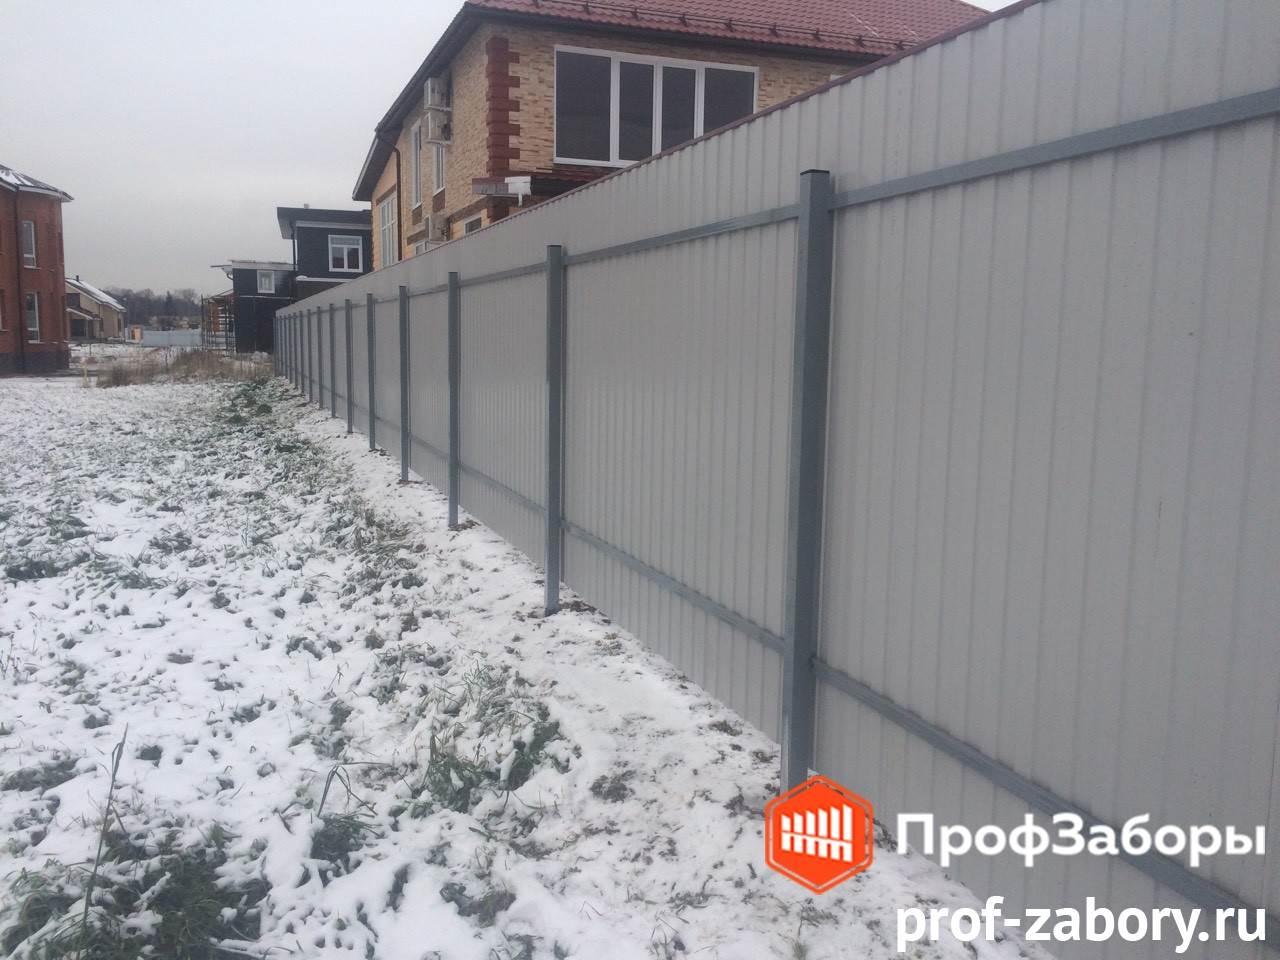 Заборы Из профнастила  - Городской округ Протвино. Фото 4